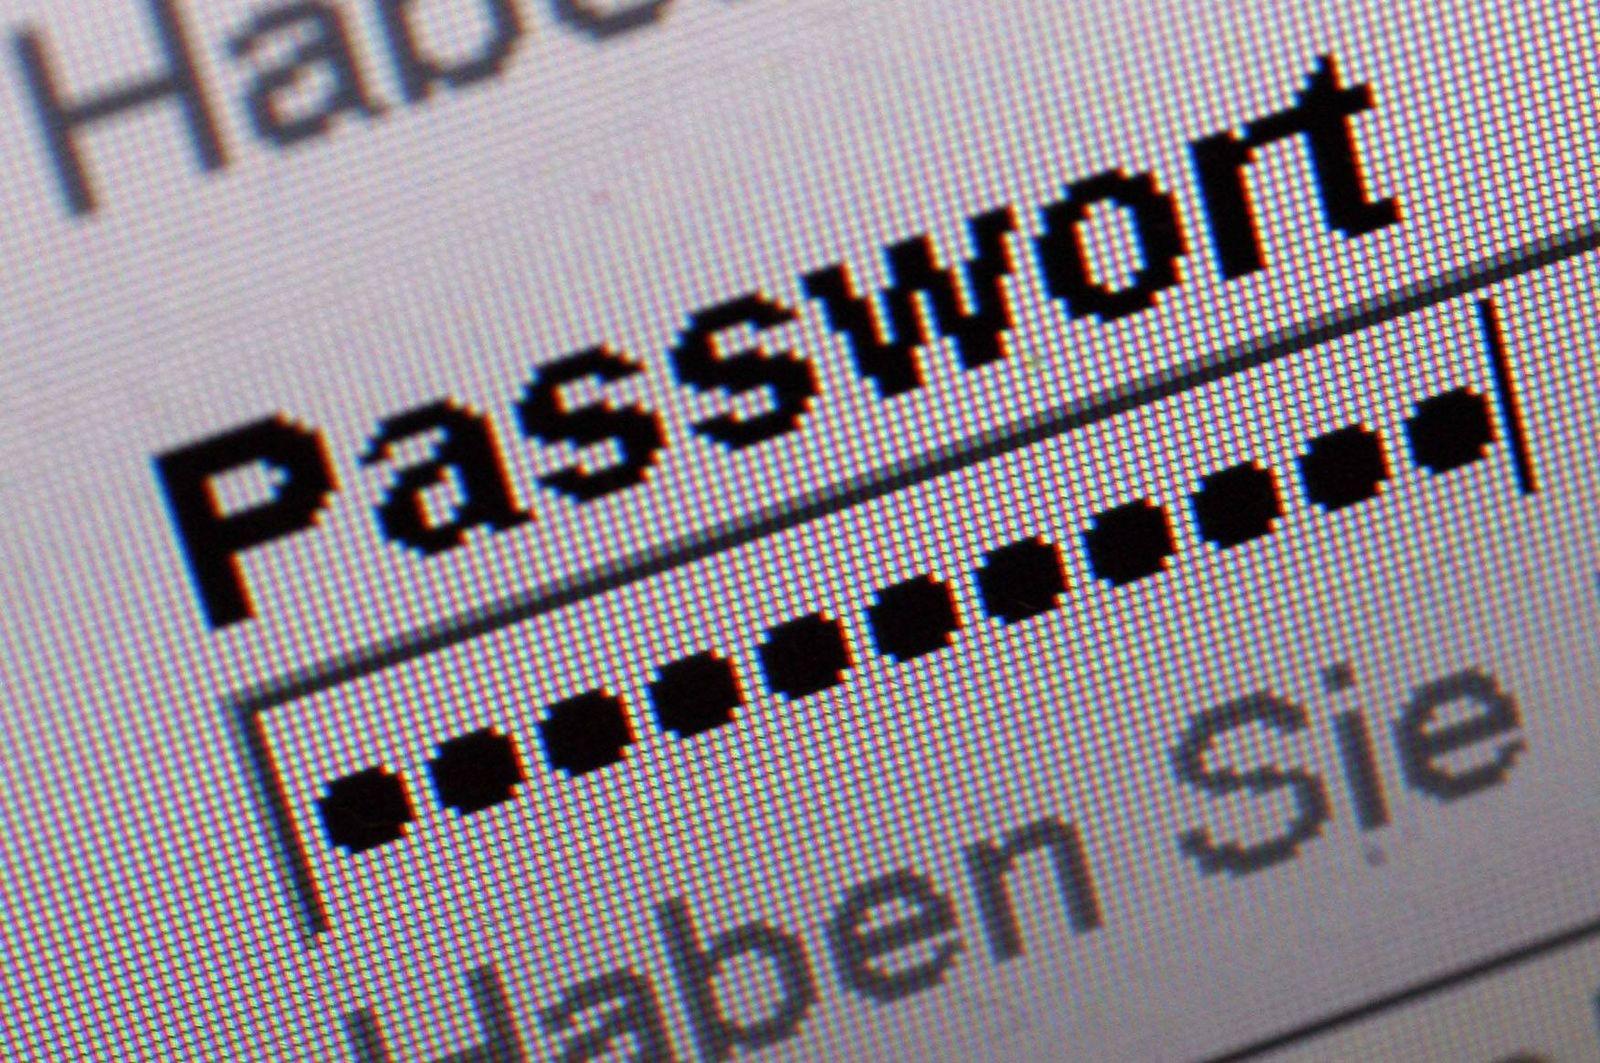 NICHT VERWENDEN SYMBOLBILD Passwort / Sicherheit